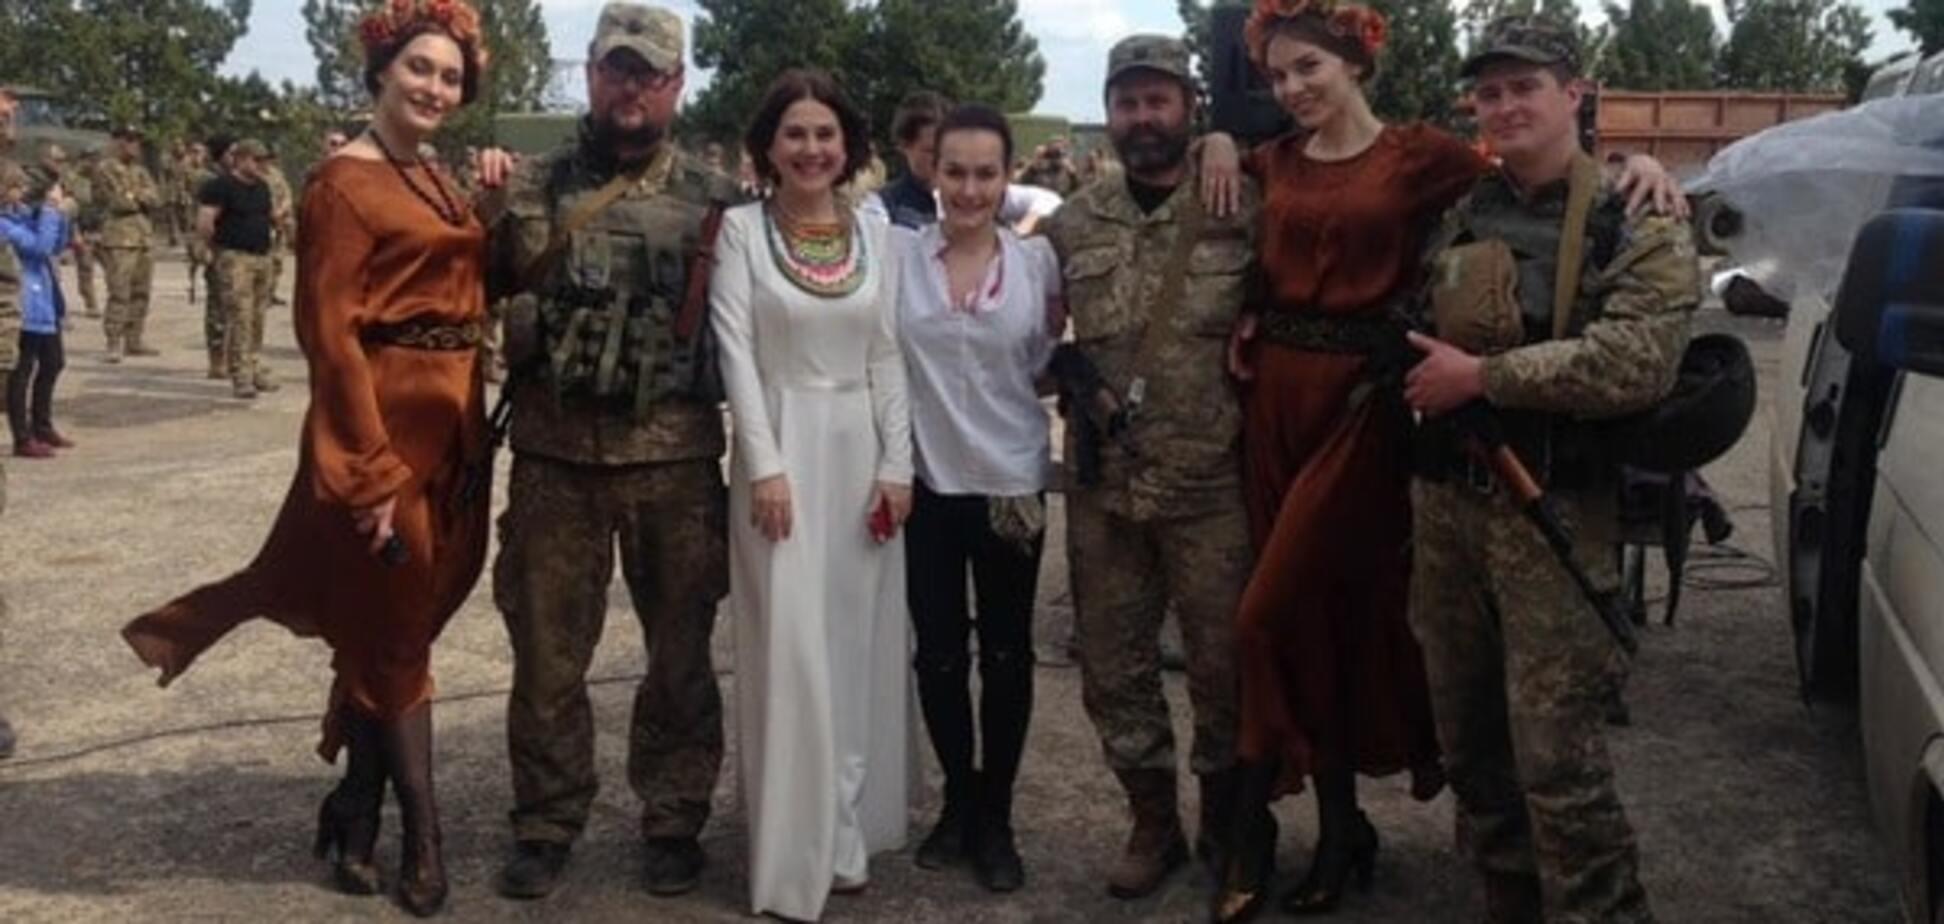 Знаменита українська гімнастка: люди в АТО зберігають людяність, а ми в мегаполісах забуваємося